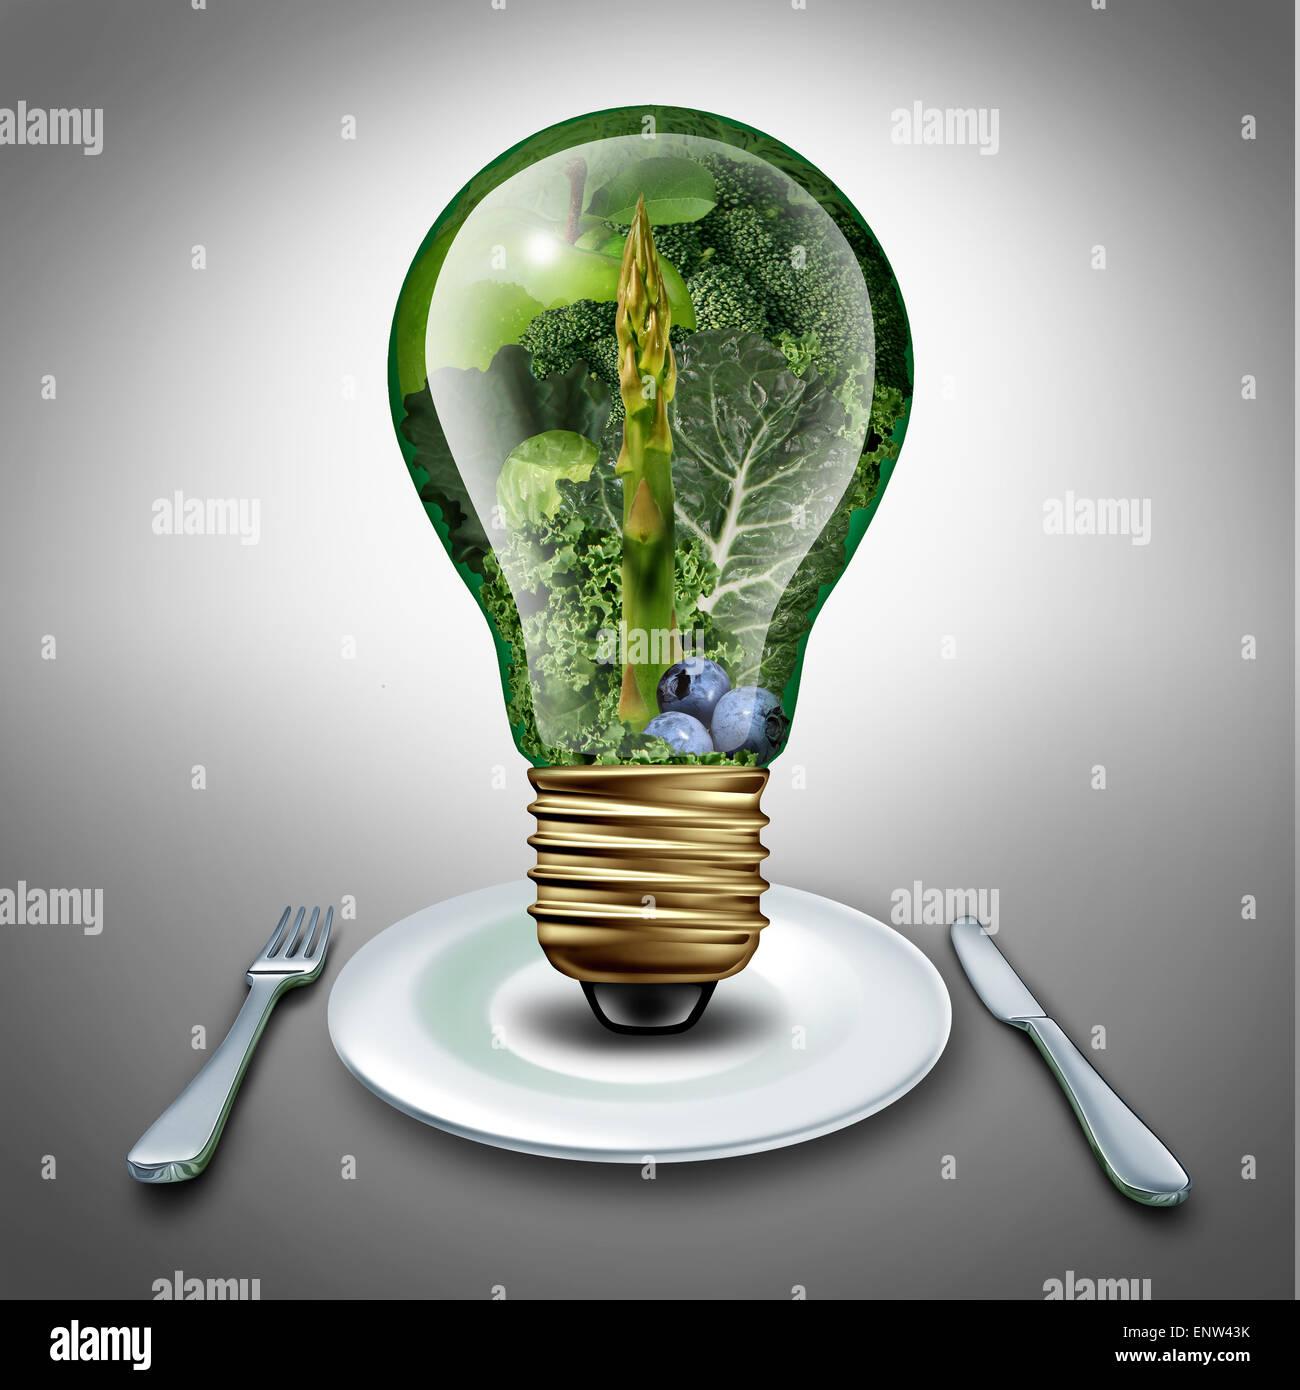 Essen gesunde Idee und Diät-Tipps-Konzept als eine Glühbirne mit Obst und Gemüse im Inneren wie eine Stockbild